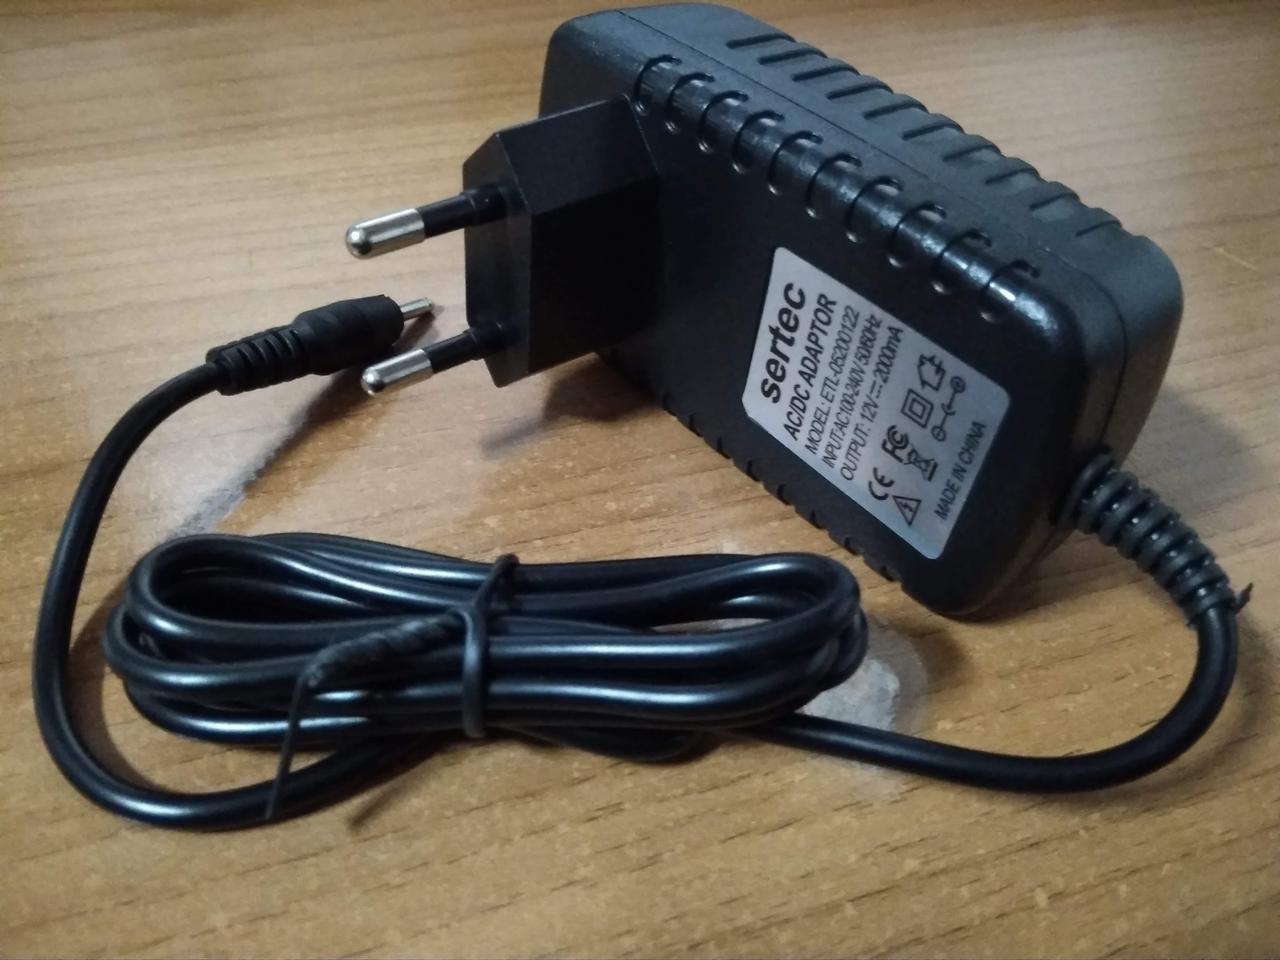 Сетевое зарядное устройство для планшетов 12 вольт 2а 2.5 / 0.7мм